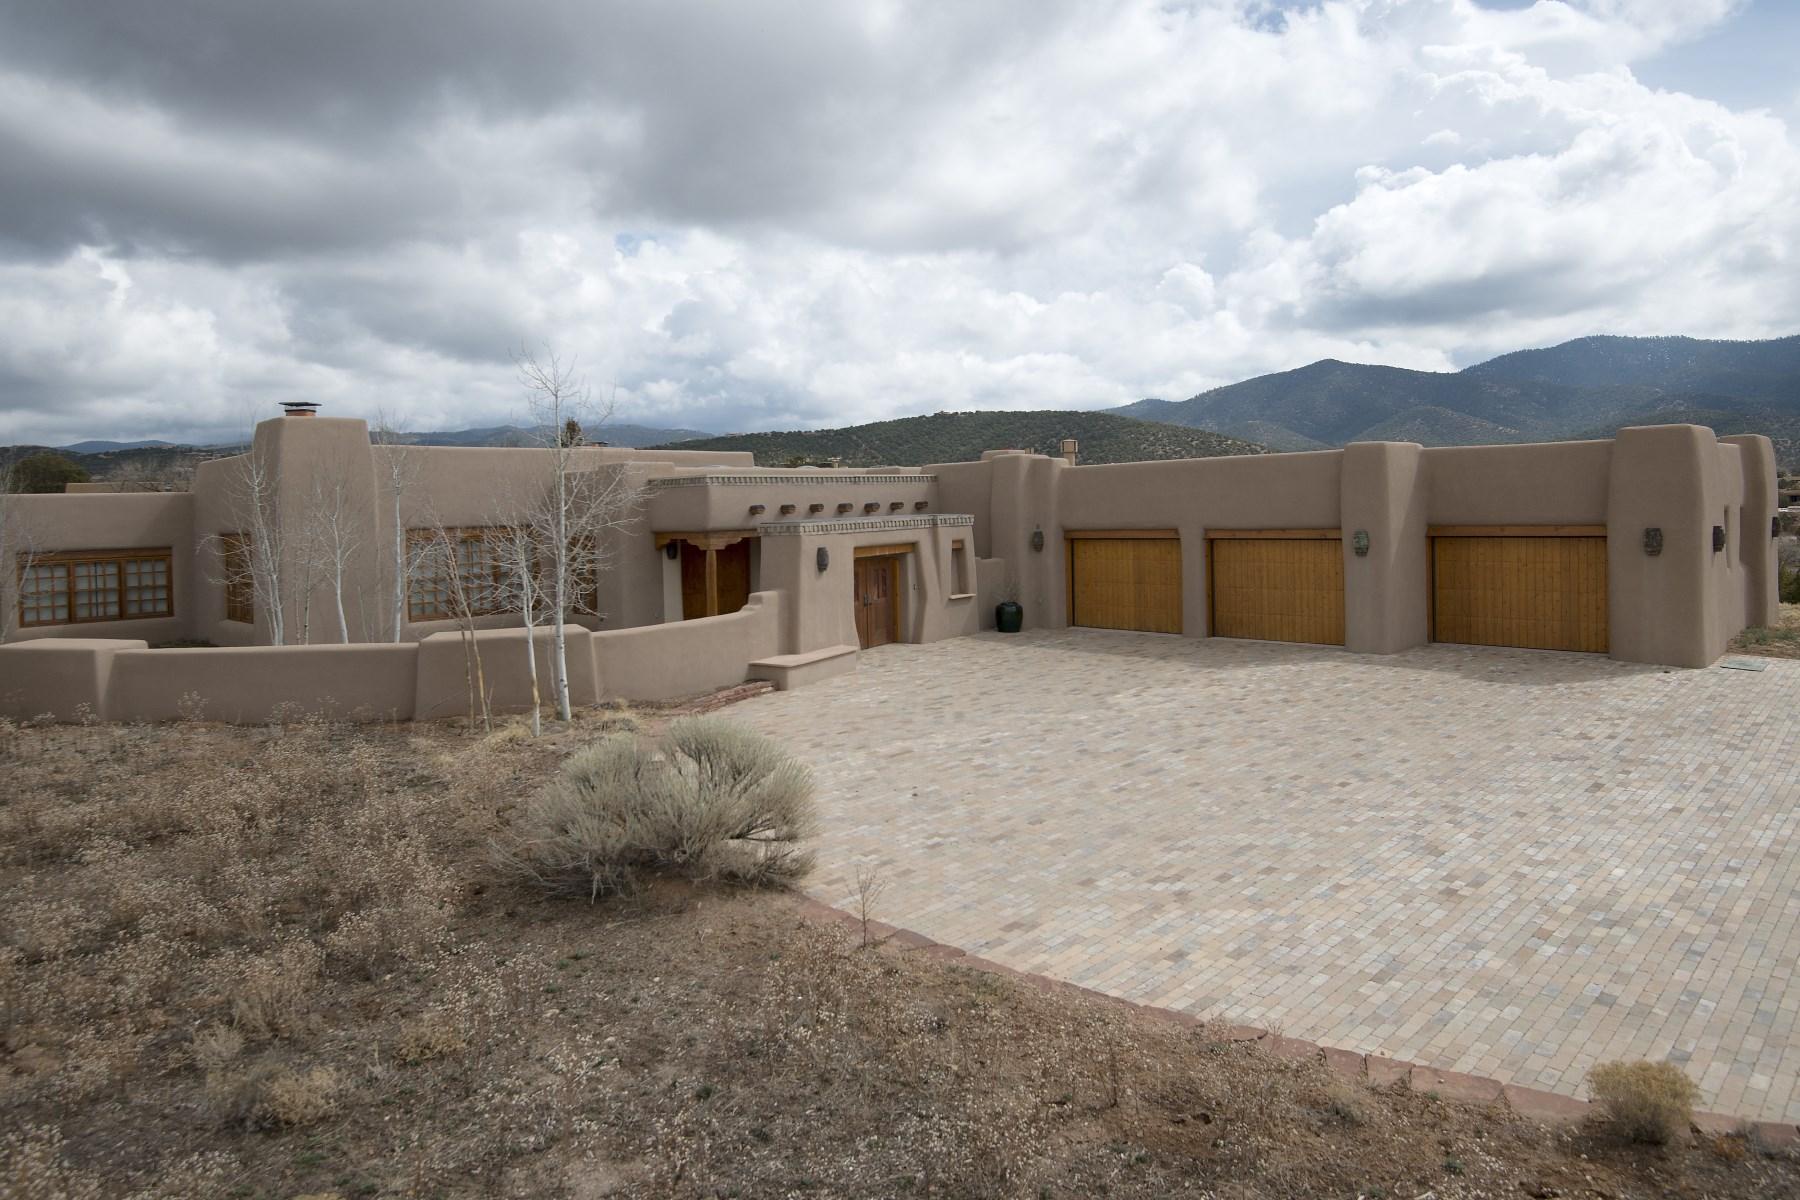 独户住宅 为 销售 在 845 Vista Catedral 圣达非, 新墨西哥州, 87501 美国